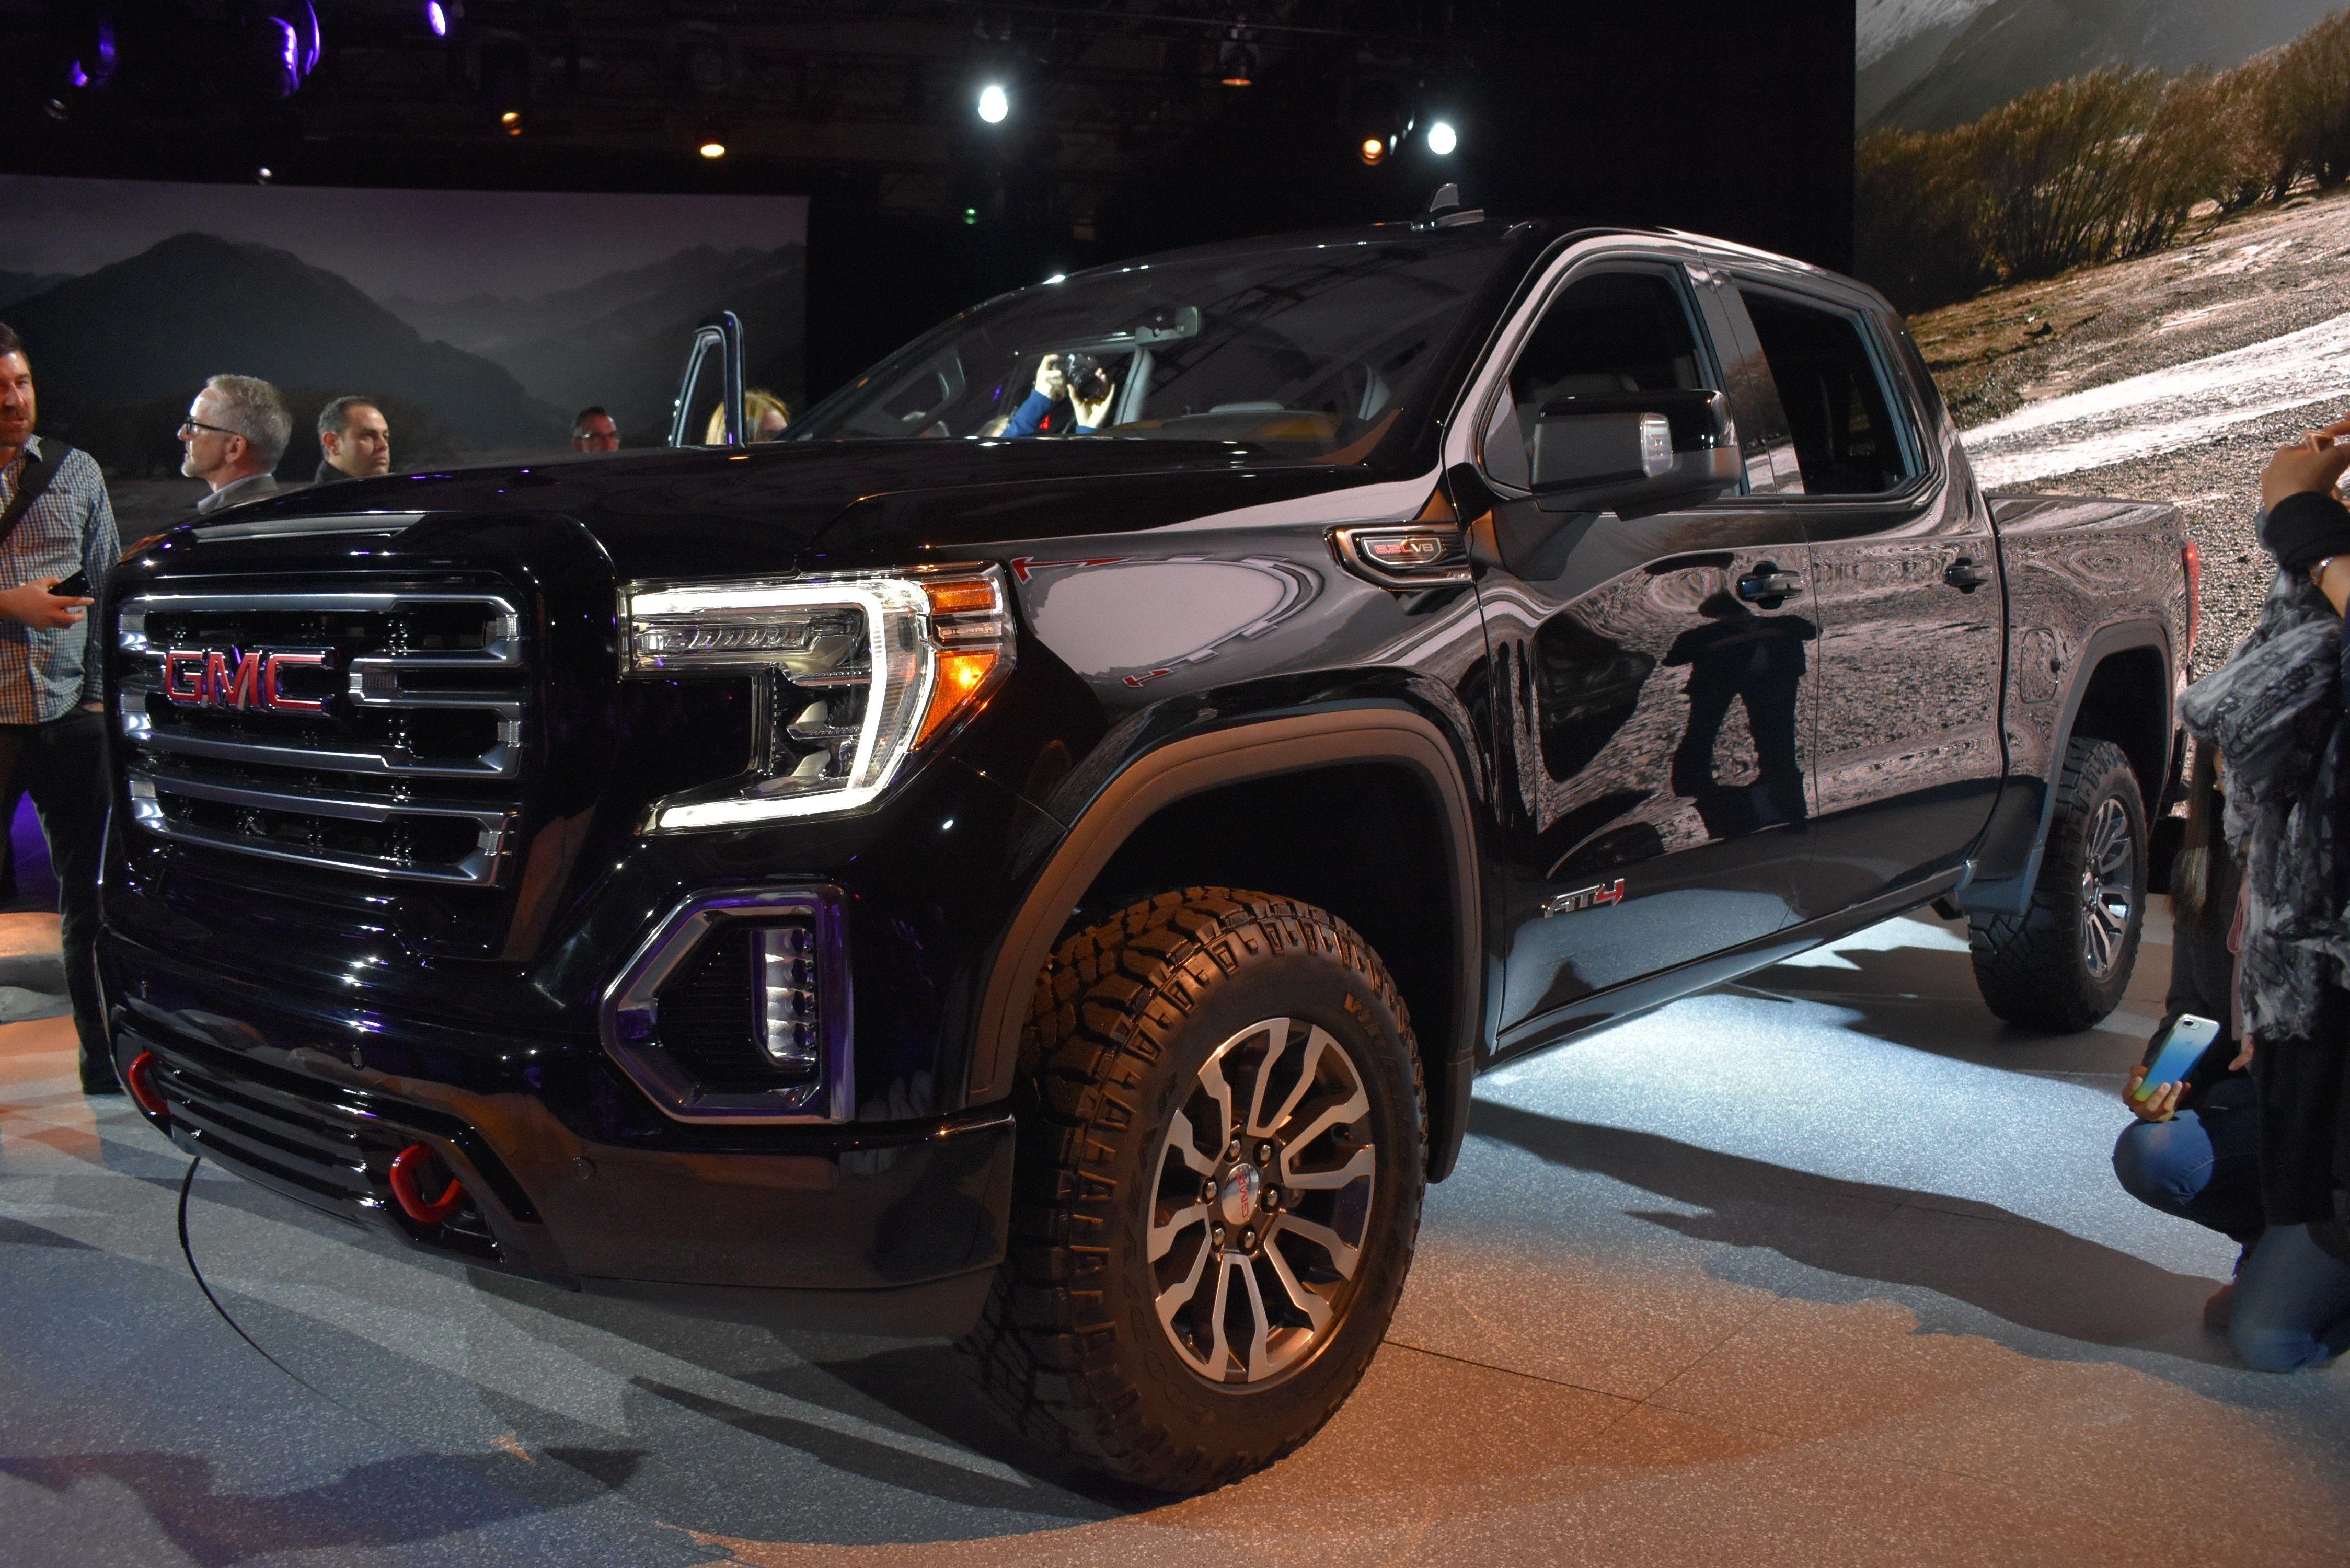 2019 Gmc Off Road Truck New Interior Car Review 2019 Car 2019